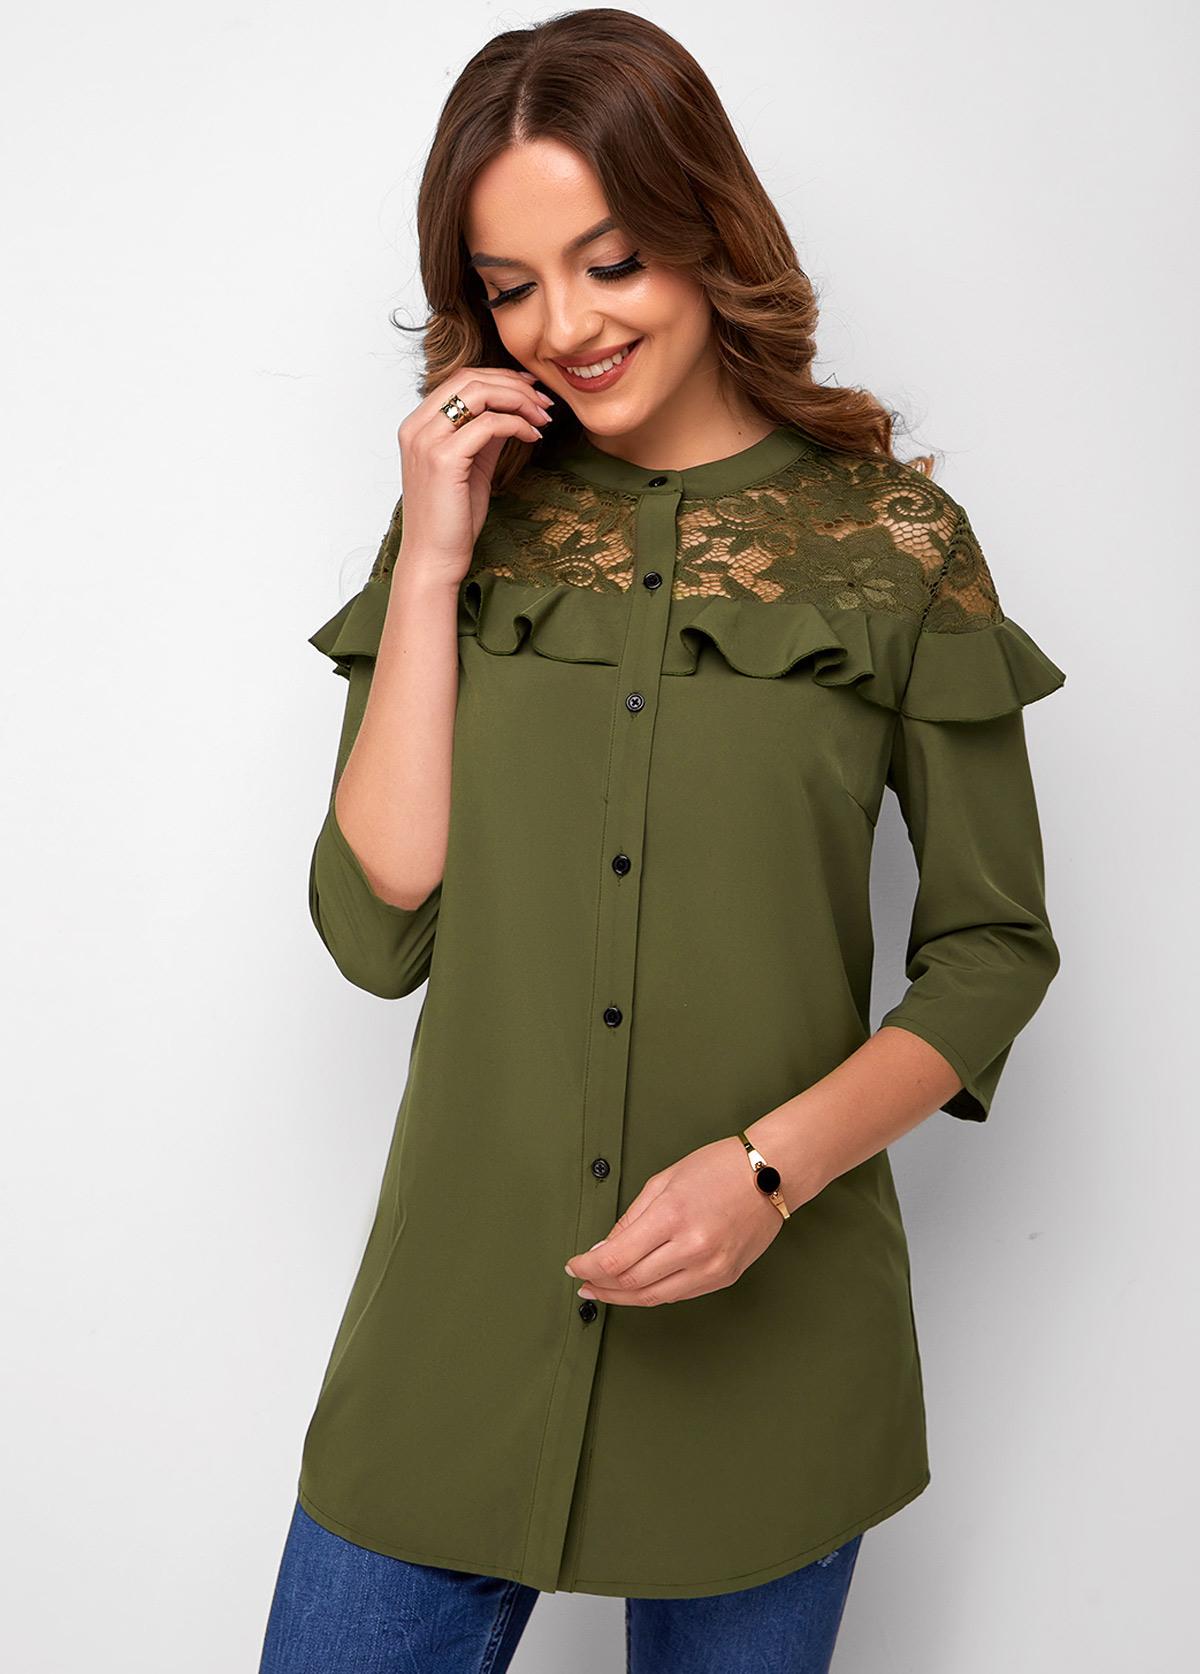 ROTITA Button Up Lace Stitching 3/4 Sleeve Blouse